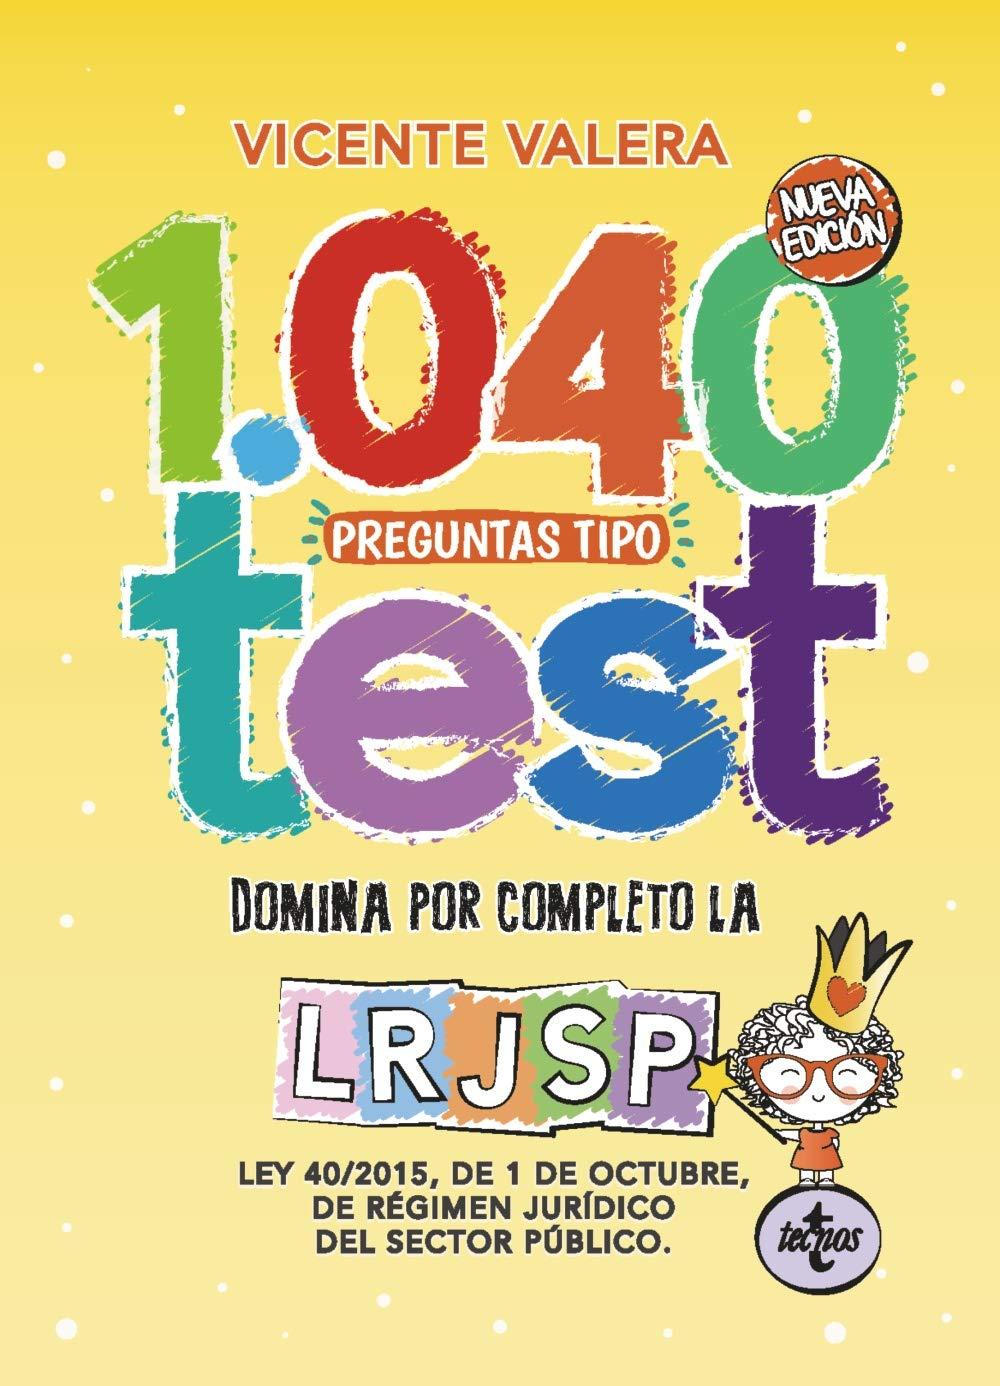 1040 preguntas tipo test LRJSP: Ley 40/2015, de 1 de octubre, del Régimen Jurídico del Sector Público (Derecho - Práctica Jurídica)